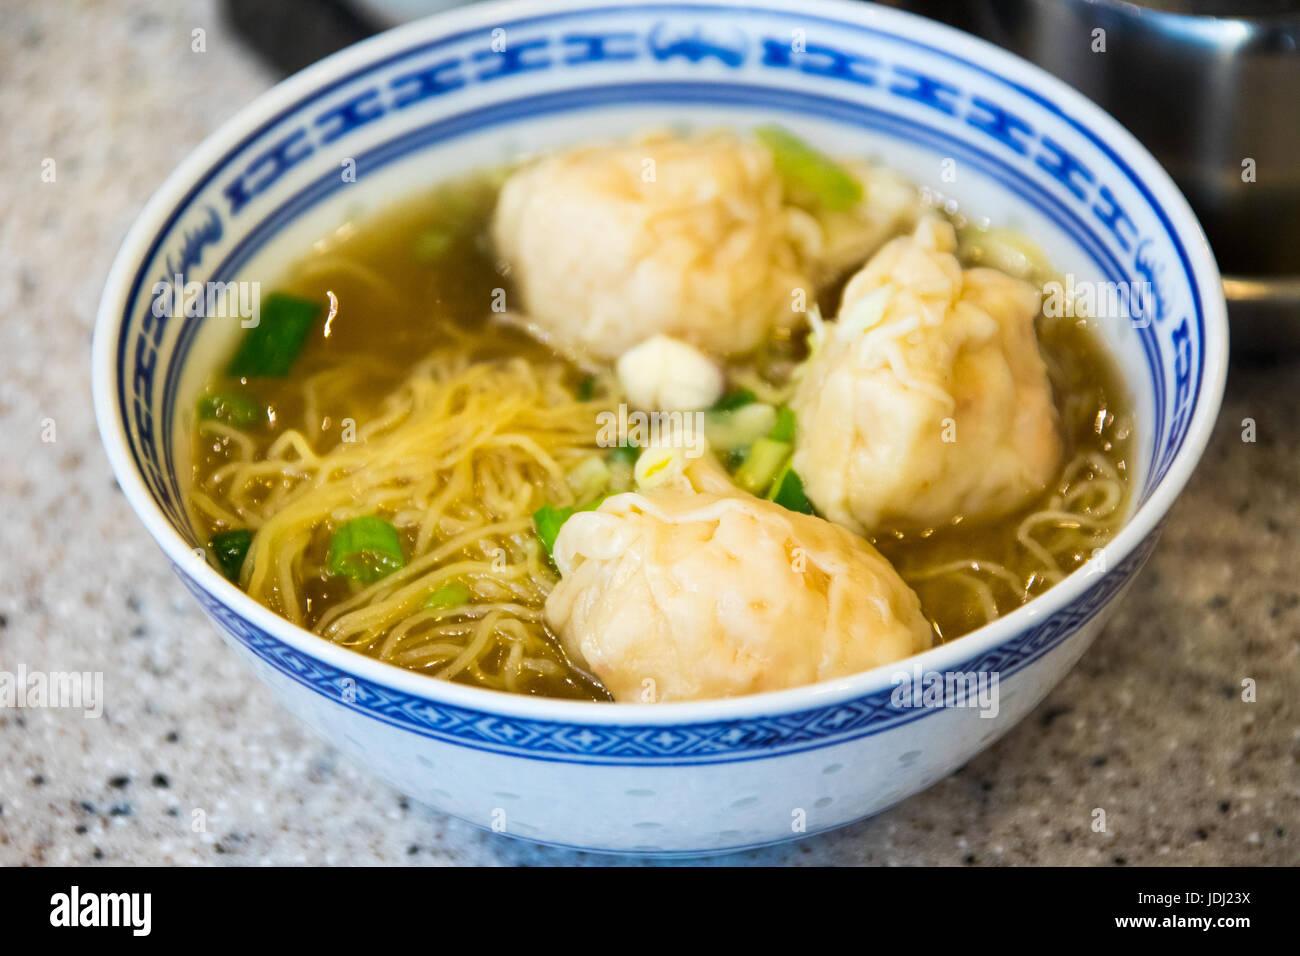 King Prawn Wonton Noodle at Tsim Chai Kee Restaurant in Central, Hong Kong - Stock Image